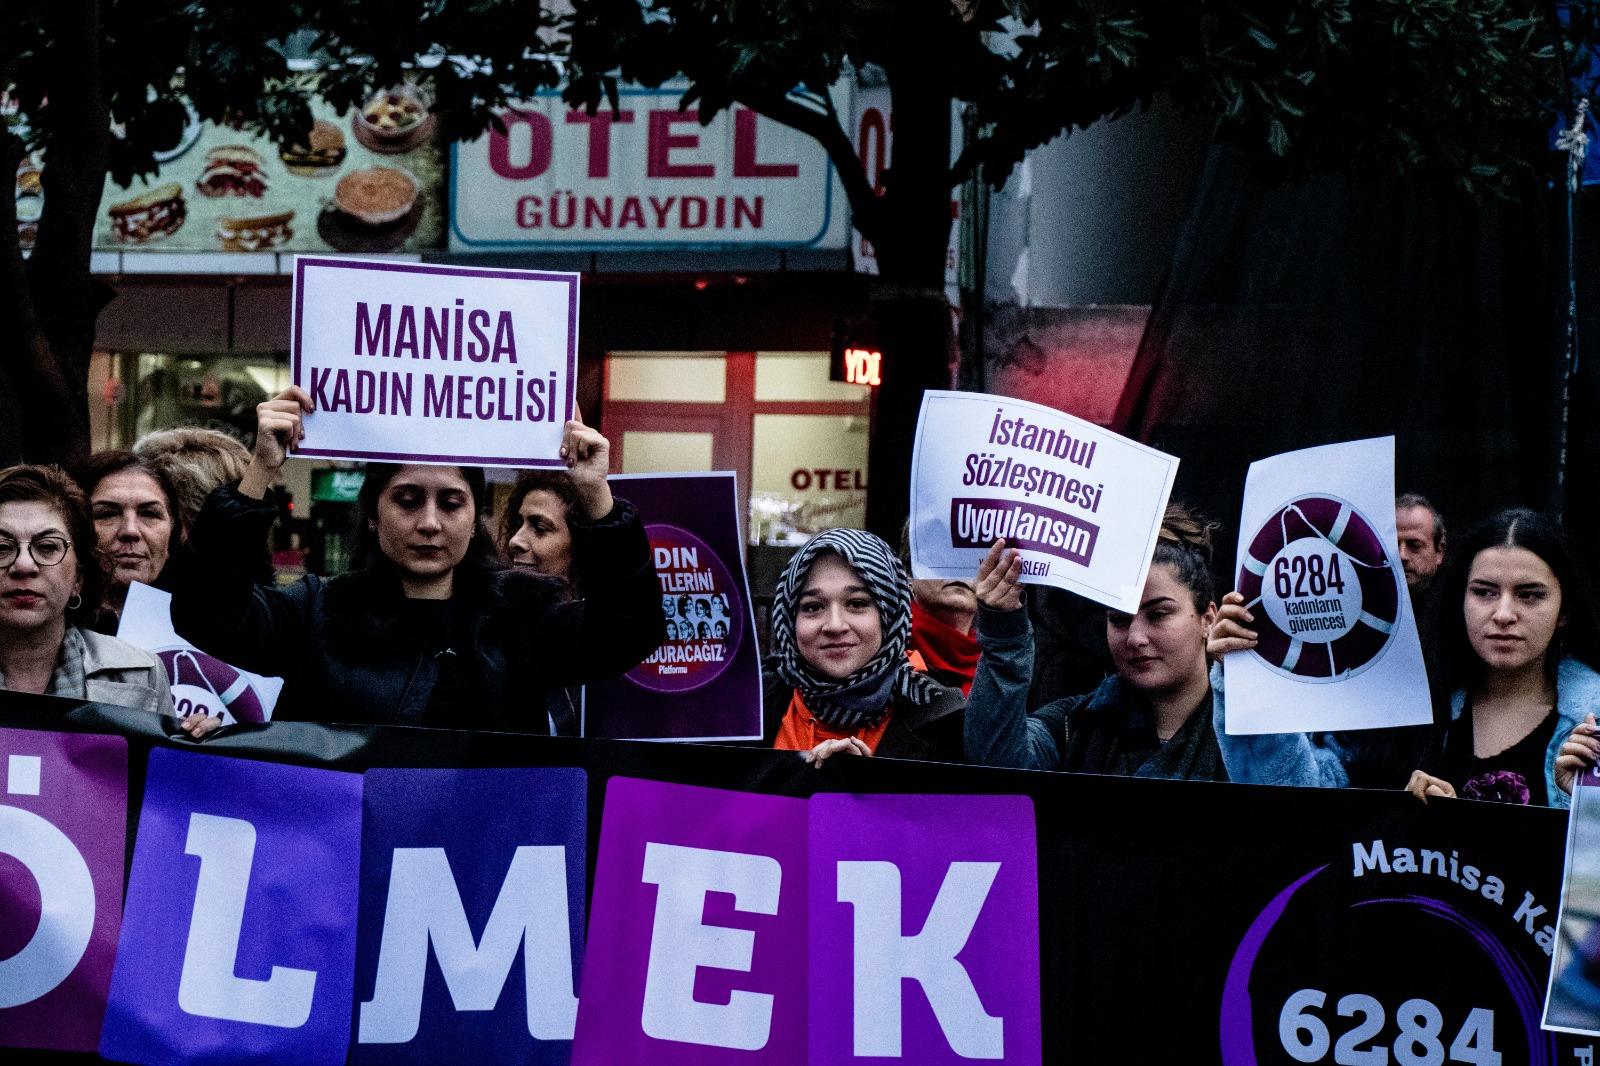 Manisa Kadın Eylemi – 25 Kasım 2019